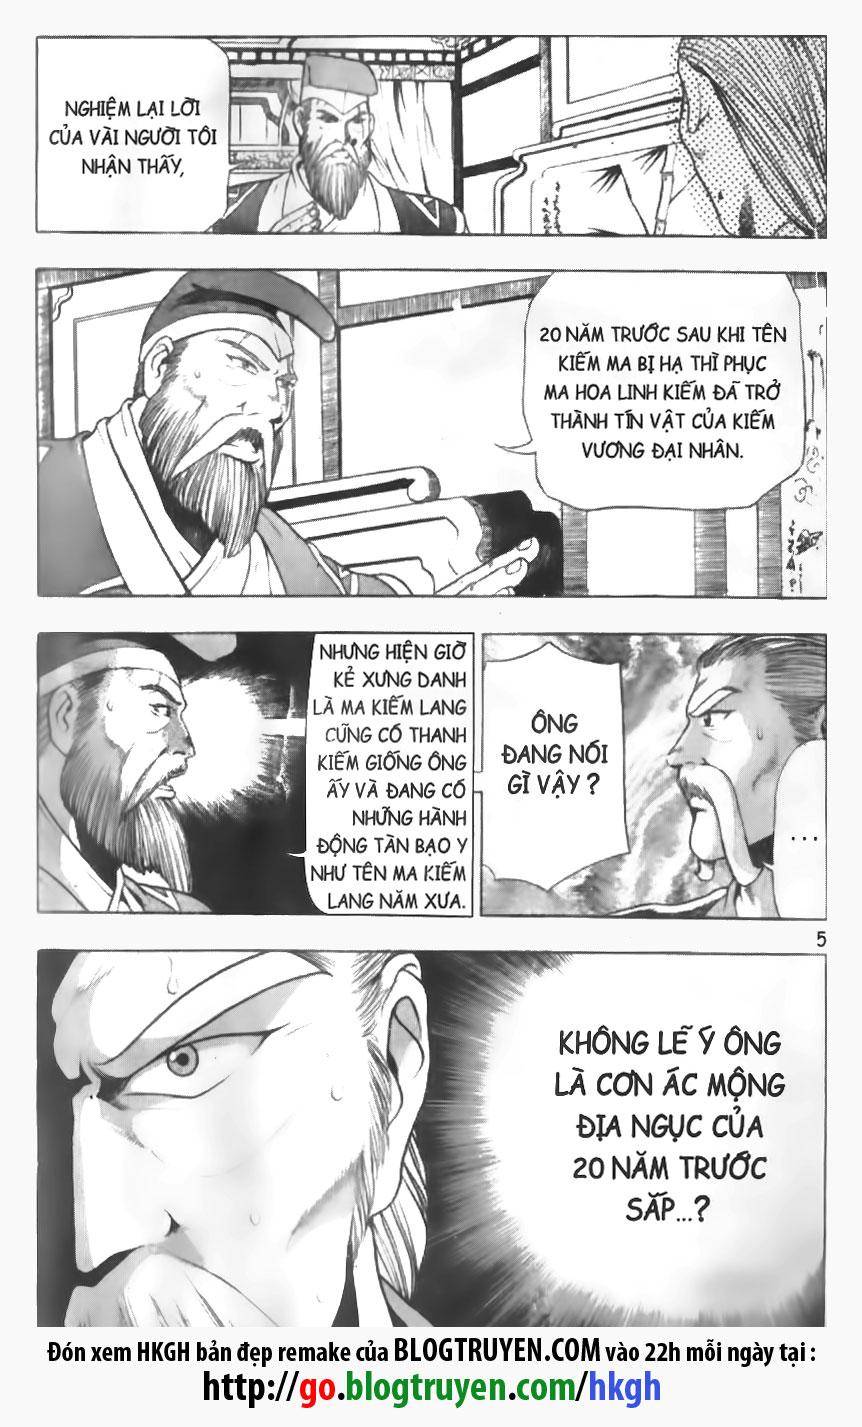 xem truyen moi - Hiệp Khách Giang Hồ Vol14 - Chap 089 - Remake